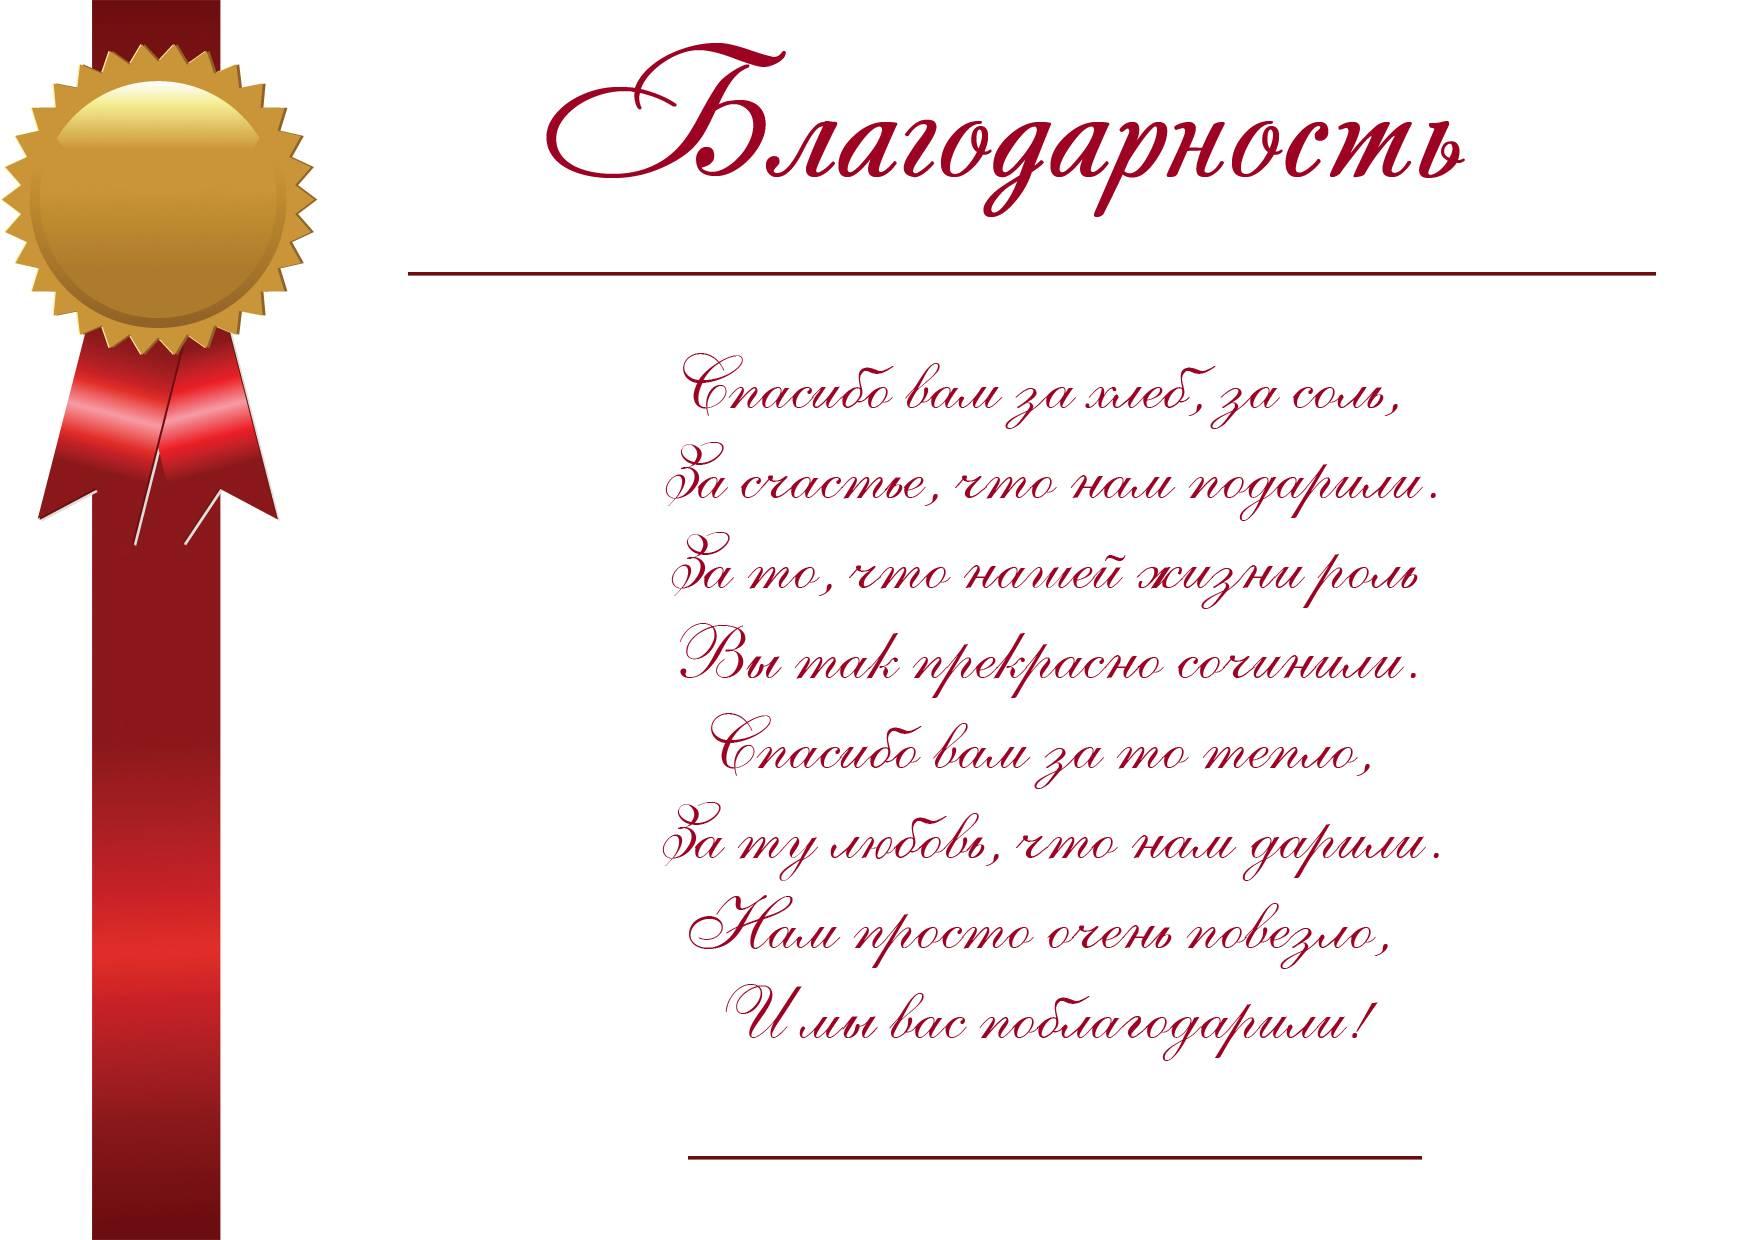 Тосты на свадьбу: красивые и короткие, оригинальные и прикольные, смешные и трогательные до слез. мудрые кавказские свадебные тосты